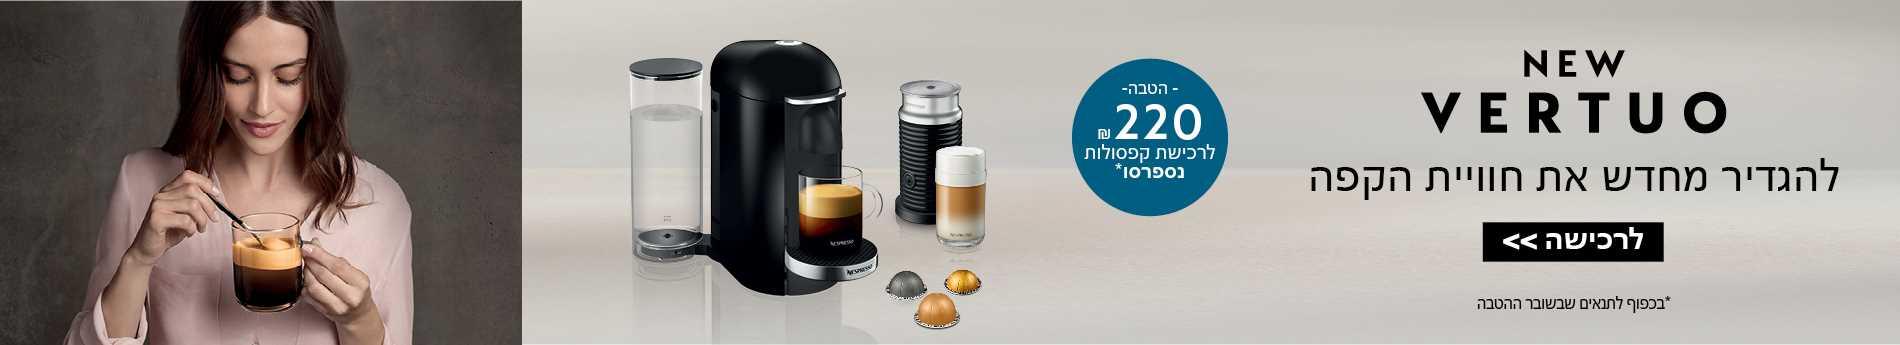 """וורטואו החדשה - להגדיר מחדש את חוויית הקפה, הטבה 220 ש""""ח לרכישת קפסולות נספרסו**"""